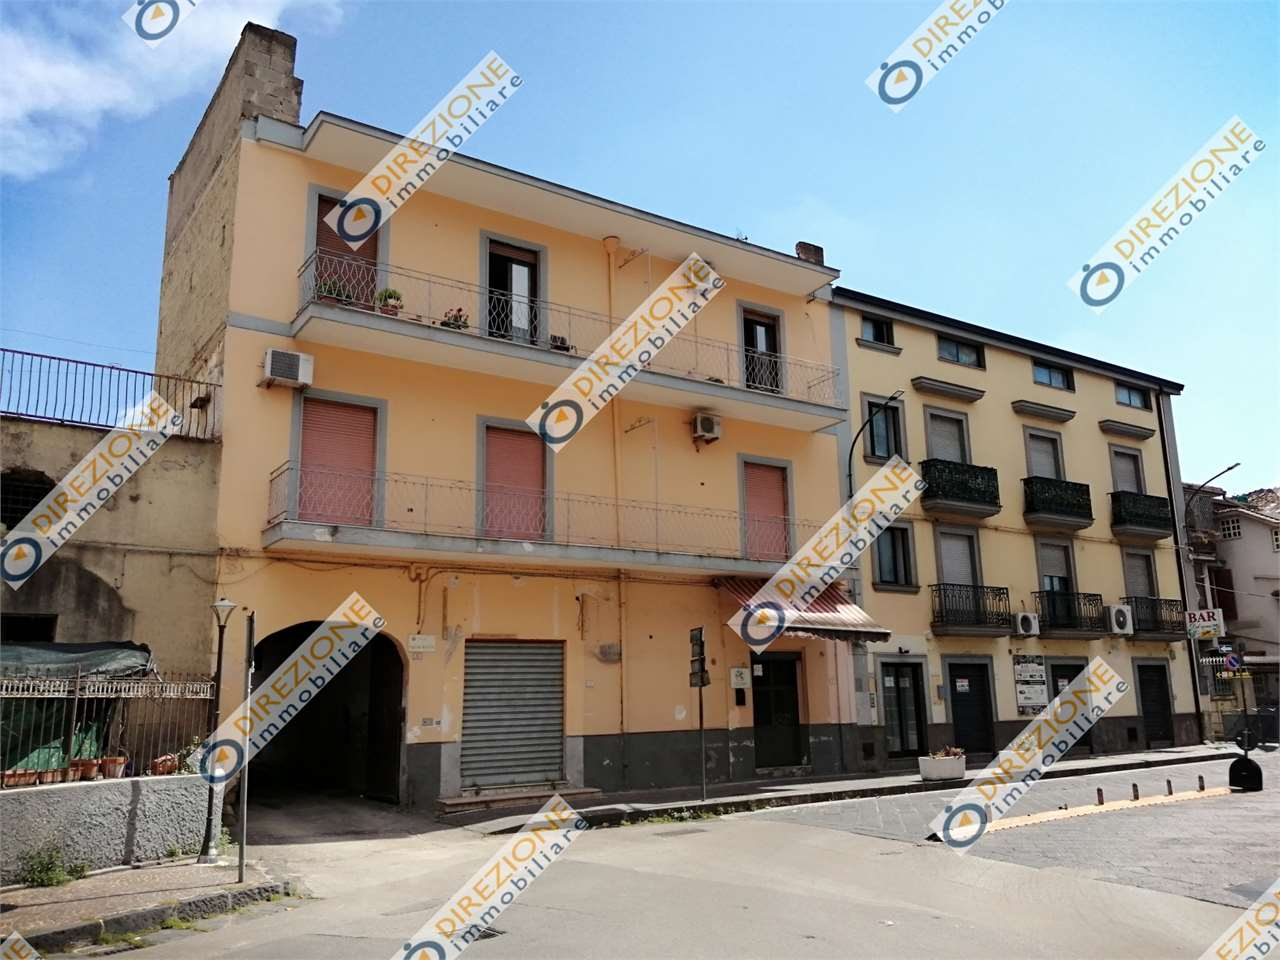 Appartamento in vendita a Cesa, 3 locali, zona Località: CENTRO, prezzo € 65.000 | CambioCasa.it